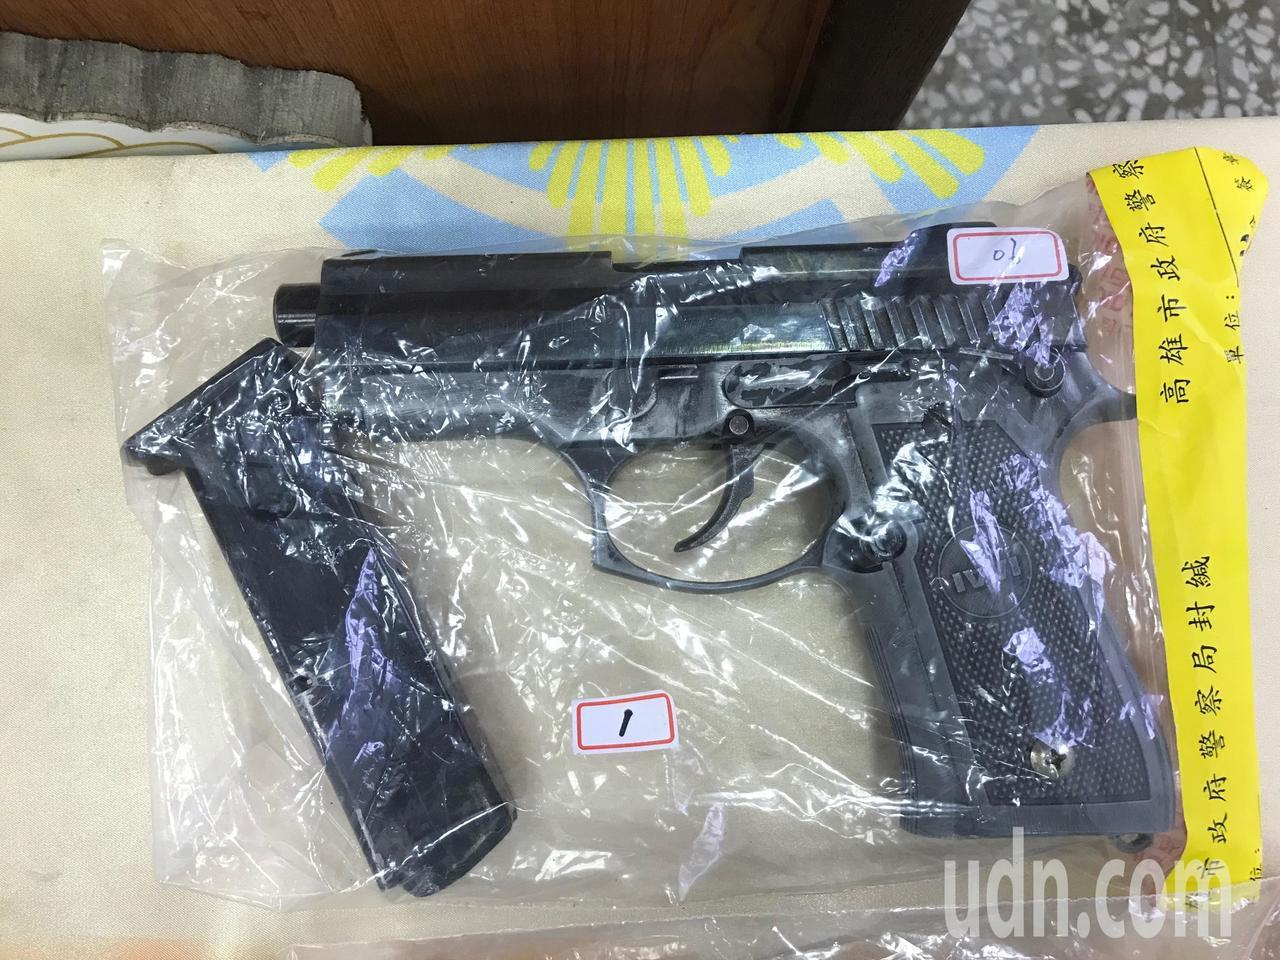 德製瓦爾PX900型手槍是電影「007:空降危機」男主角詹姆斯龐德配用。記者林伯...